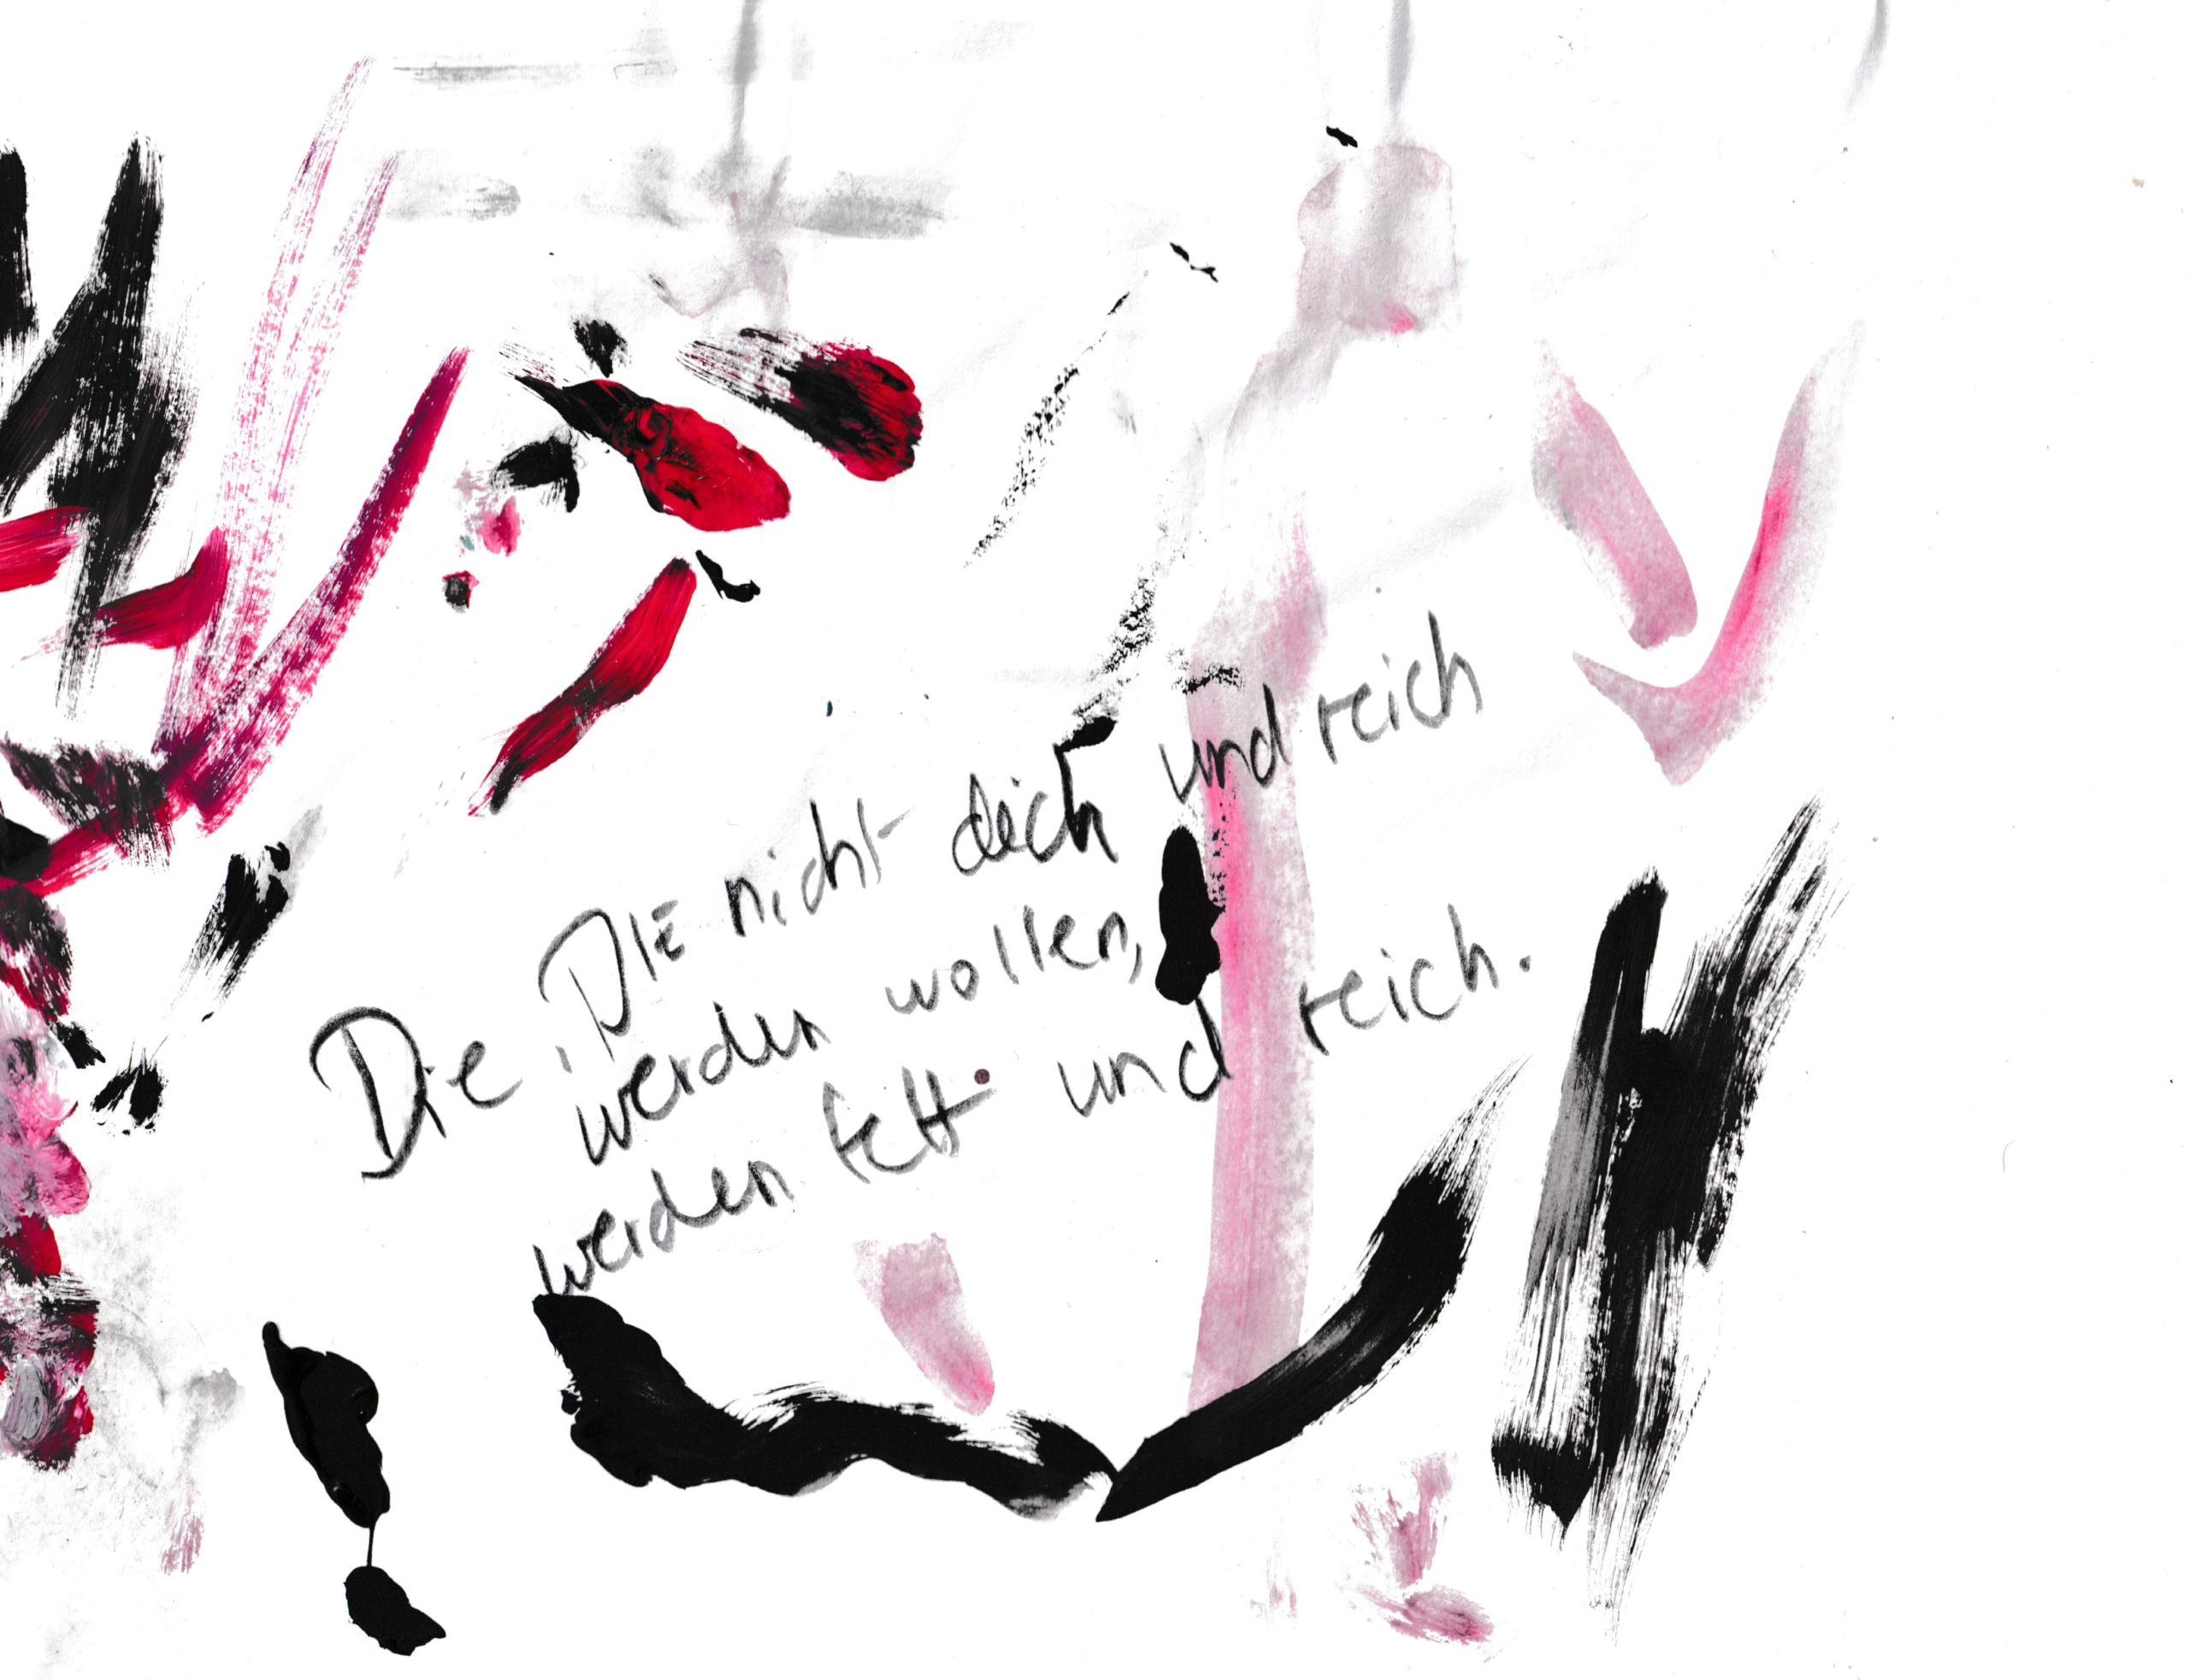 Prognose Beiwerk, Bleistift und Acryl auf Papier, 15,5cmx21cm, 2020 by Melissa Hermann